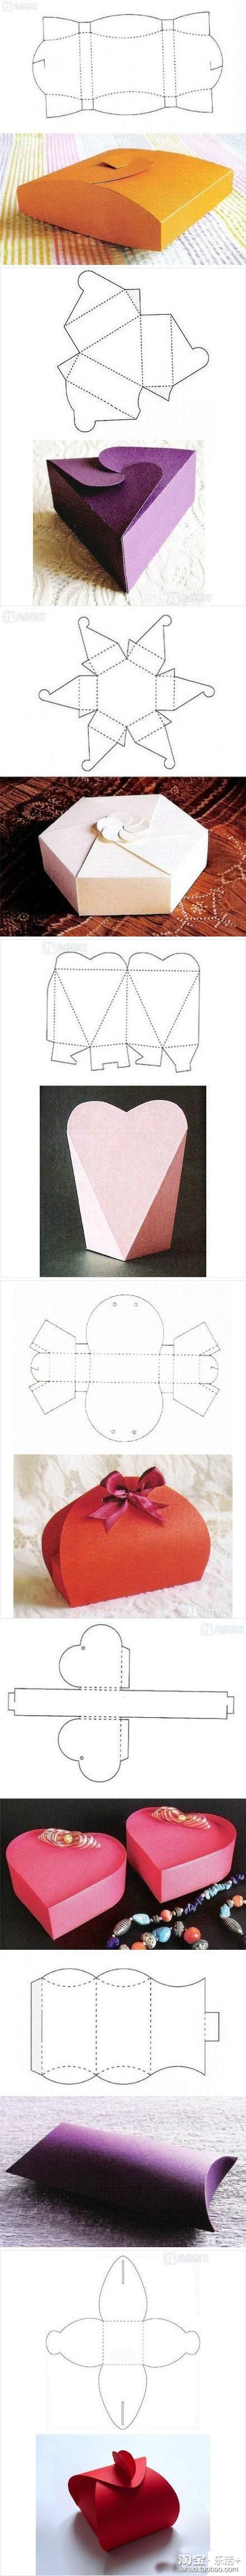 8種創意禮物盒圖紙,需要請轉走~.jpg — 淘寶樂活+